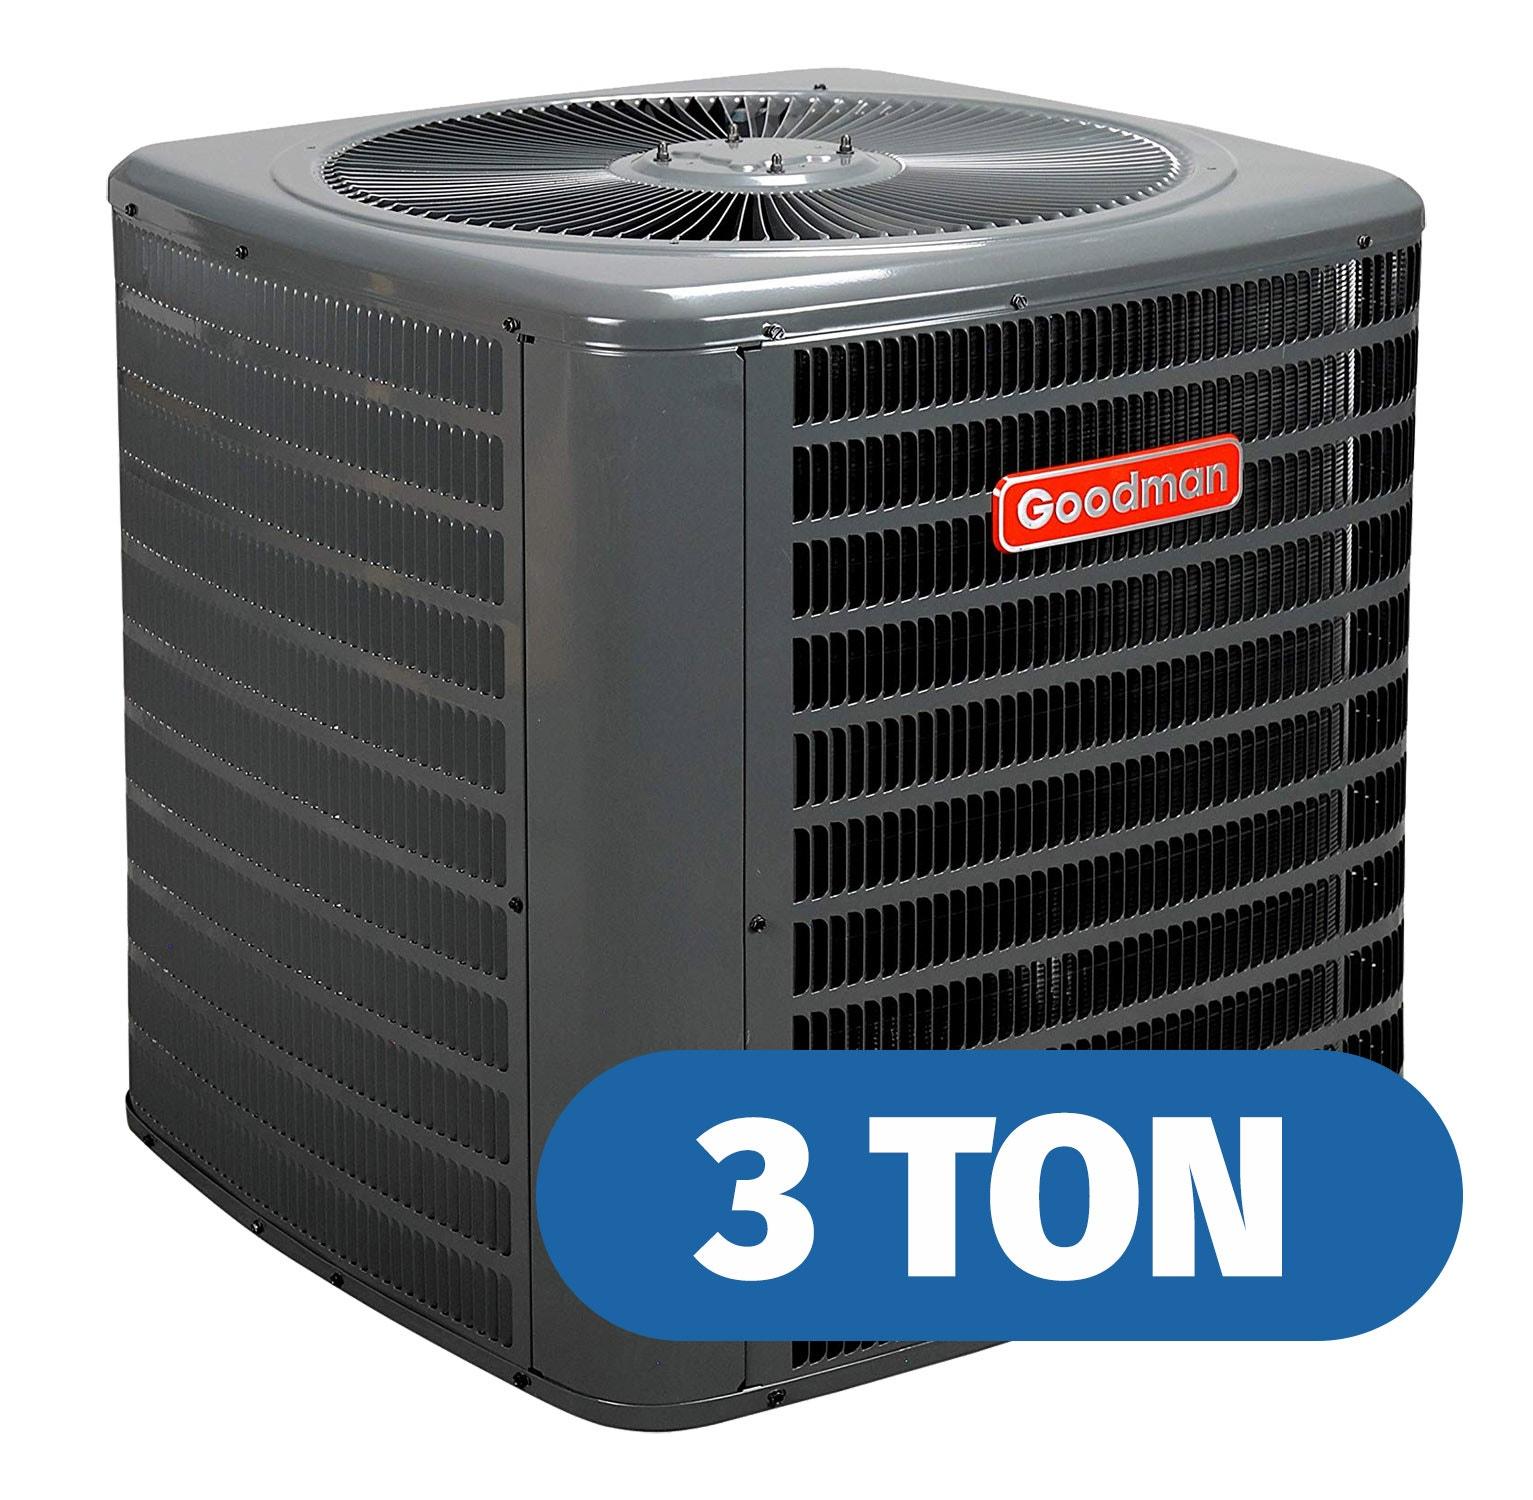 3-Ton Air Conditioner Units